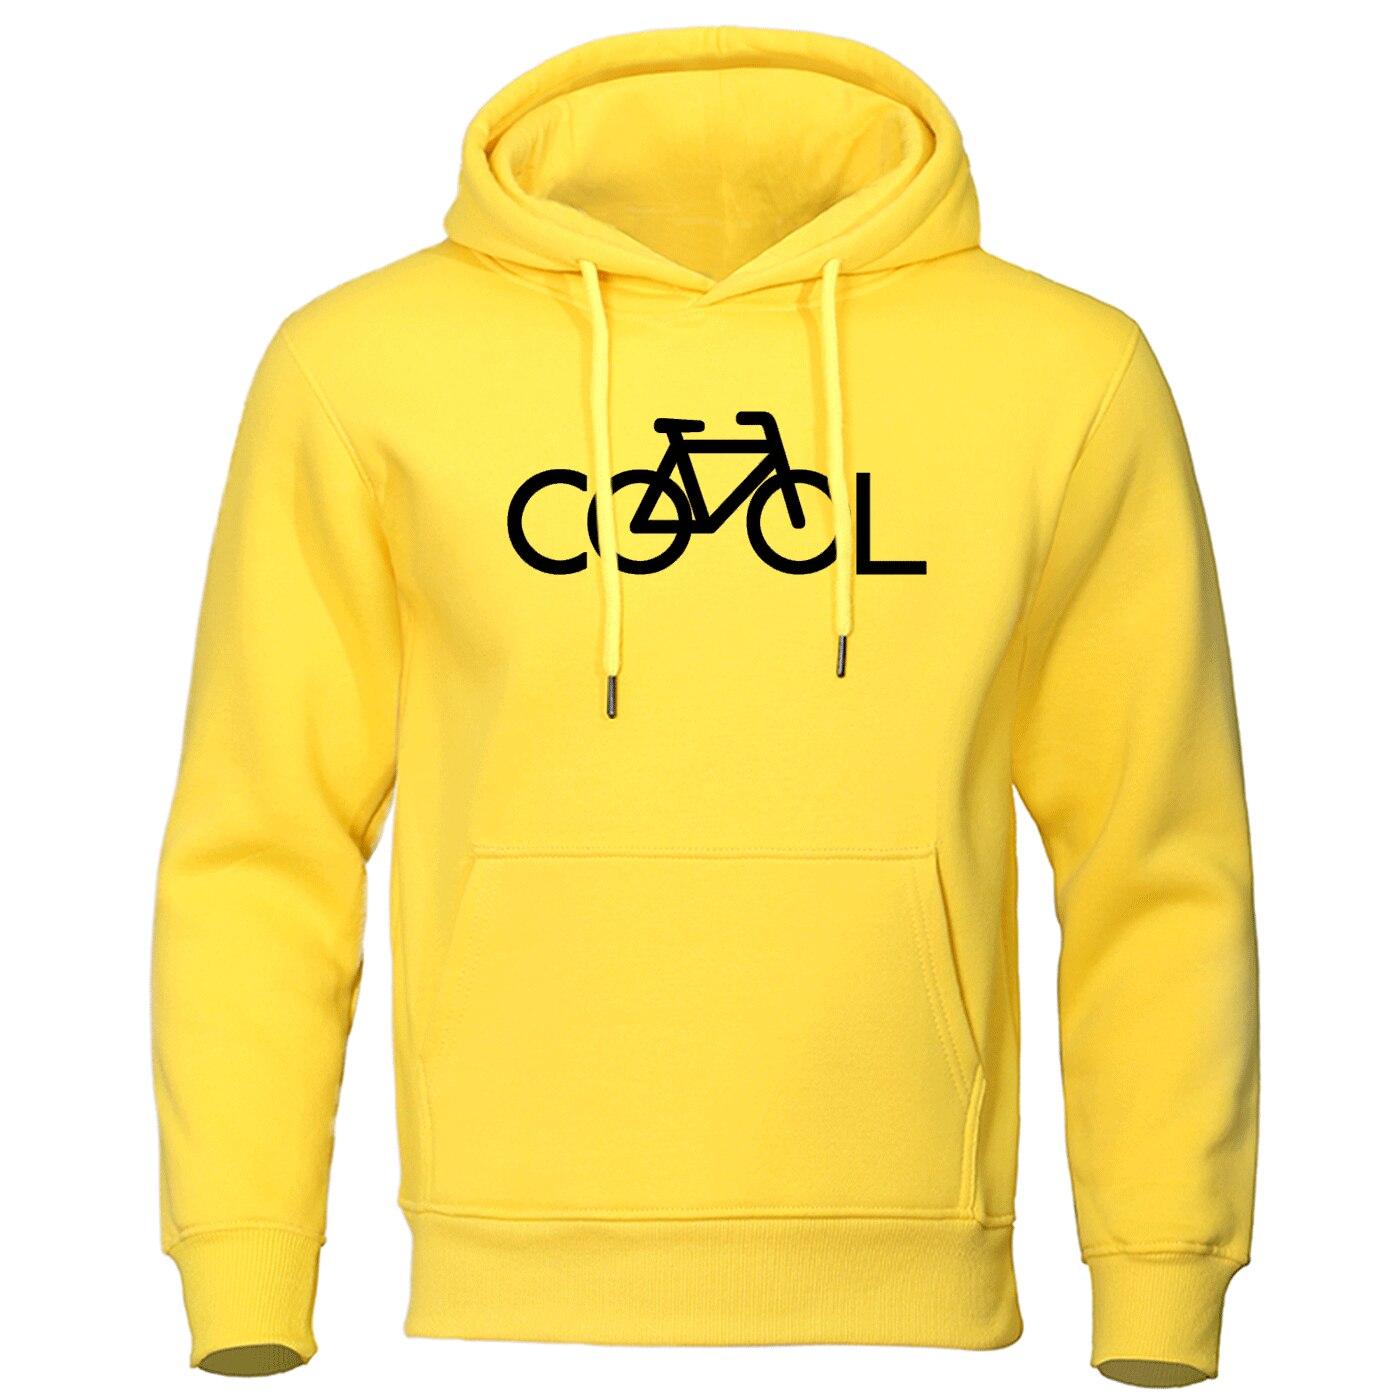 Otoño 2019 suéter con capucha invierno hombre Casaul Bike It's Cool Hoodies hombres ocio cálido marca pulóver hombres ropa Streetwear